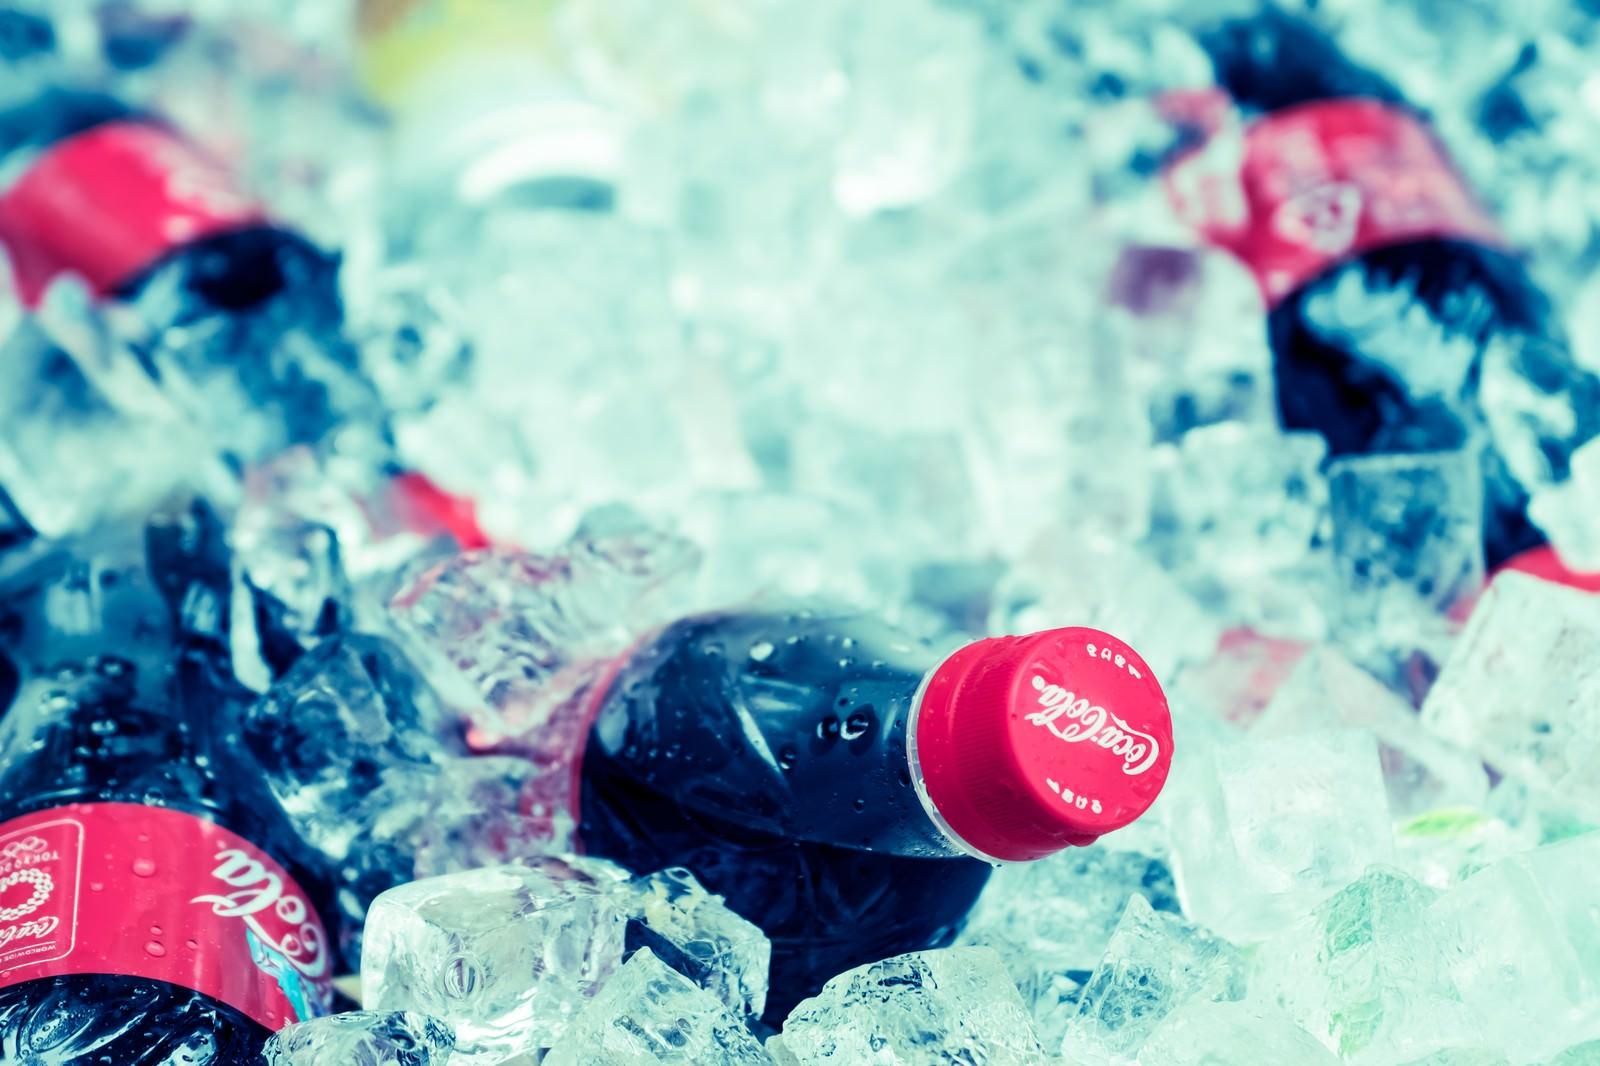 「キンキンに冷えたペットボトル」の写真